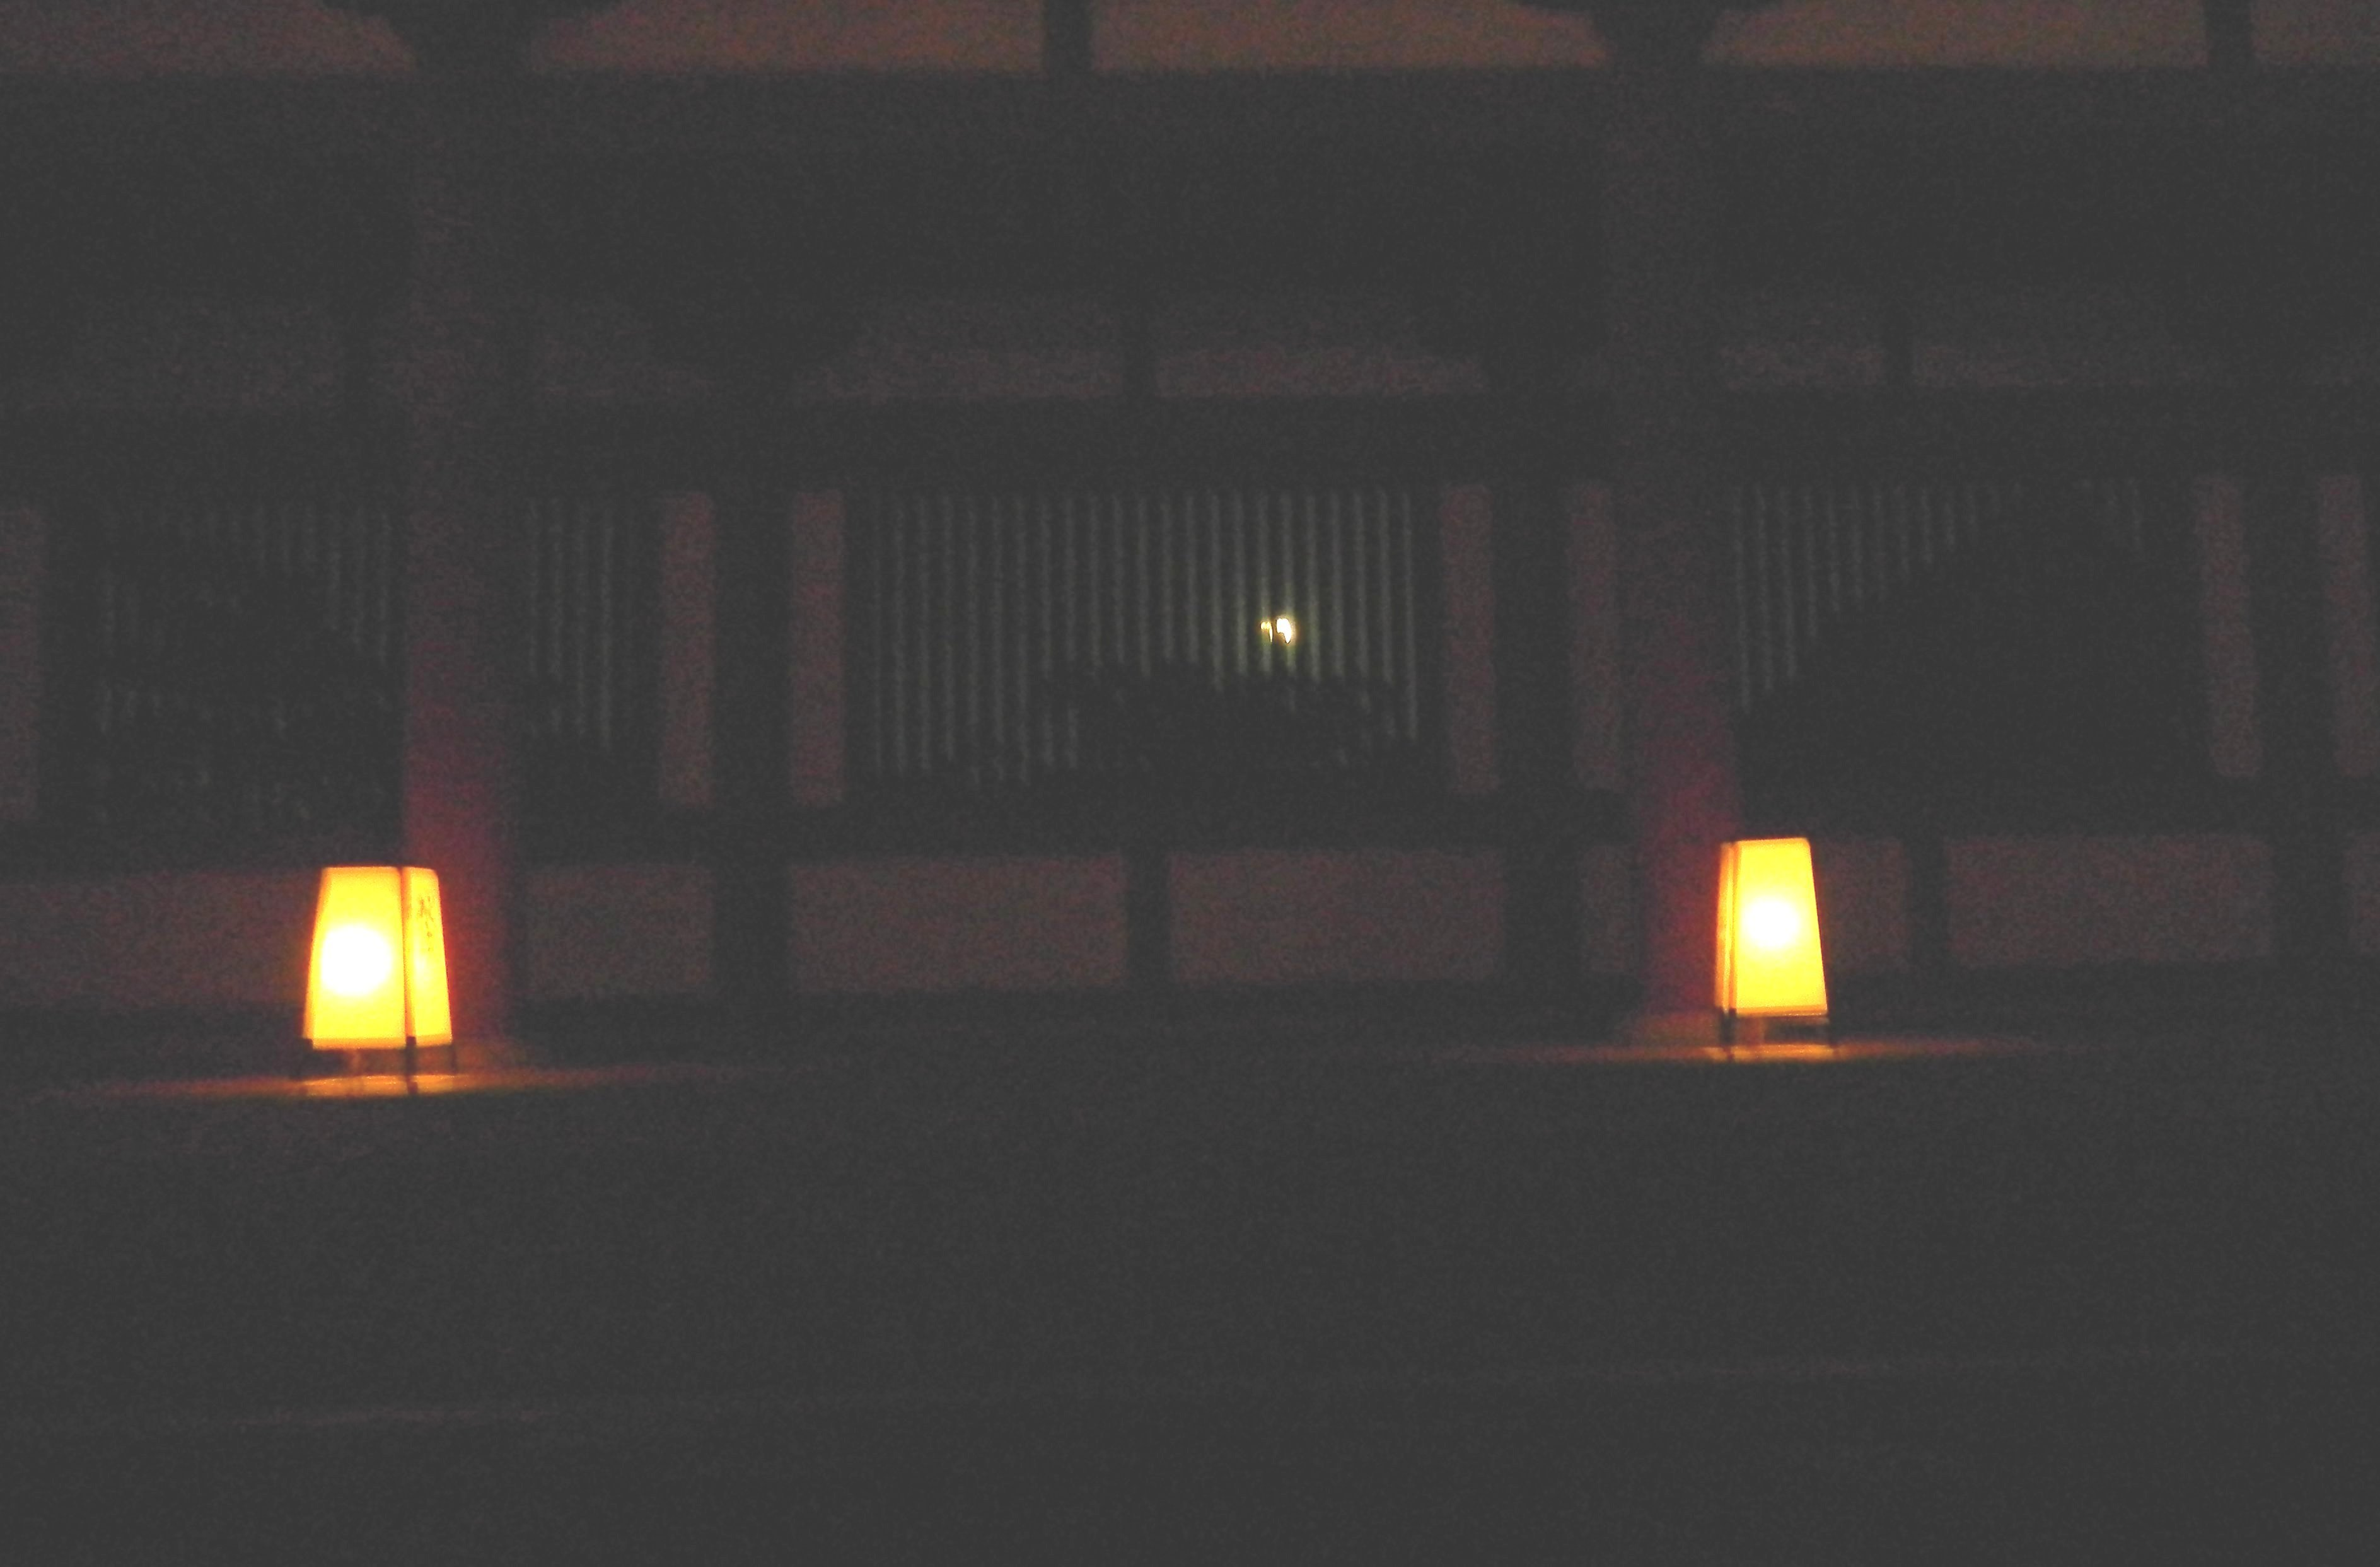 薬師寺観月会の荘厳なゆうべ/A solemn evening of Yakushiji Temple, Nara_e0140365_2345585.jpg